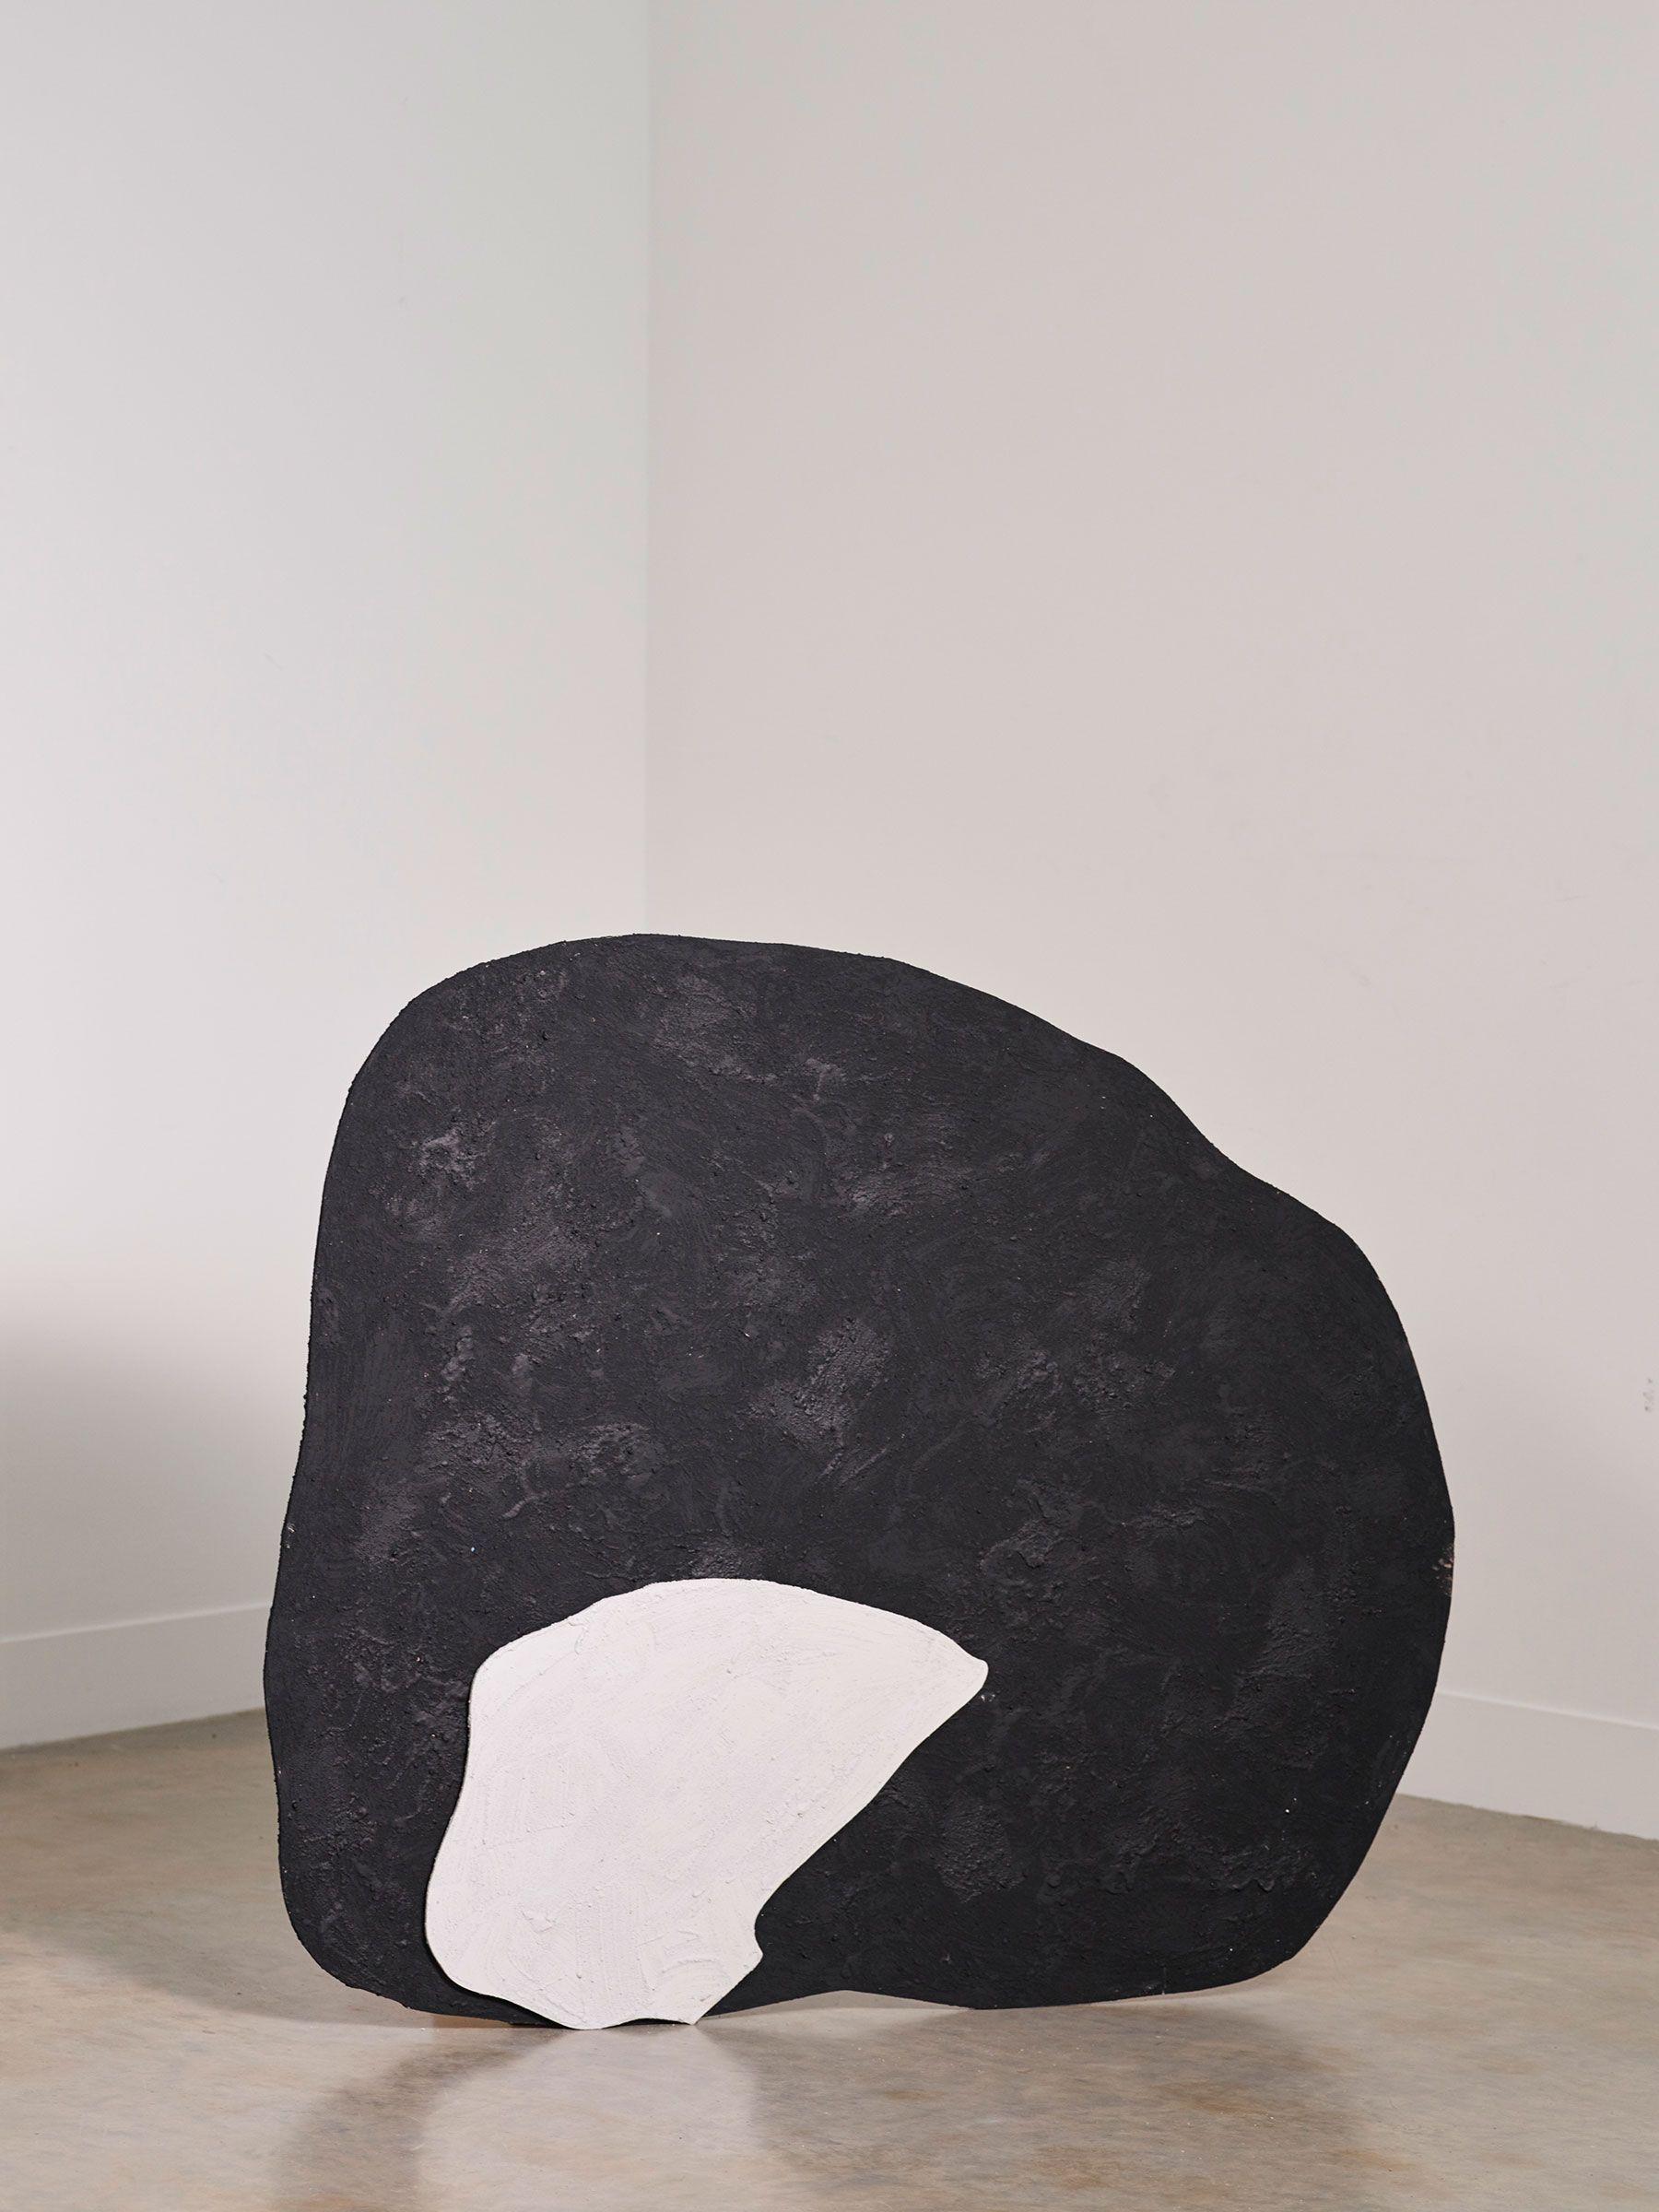 Cos Relaxed Definition Sculpture Art Pottery Sculpture Art